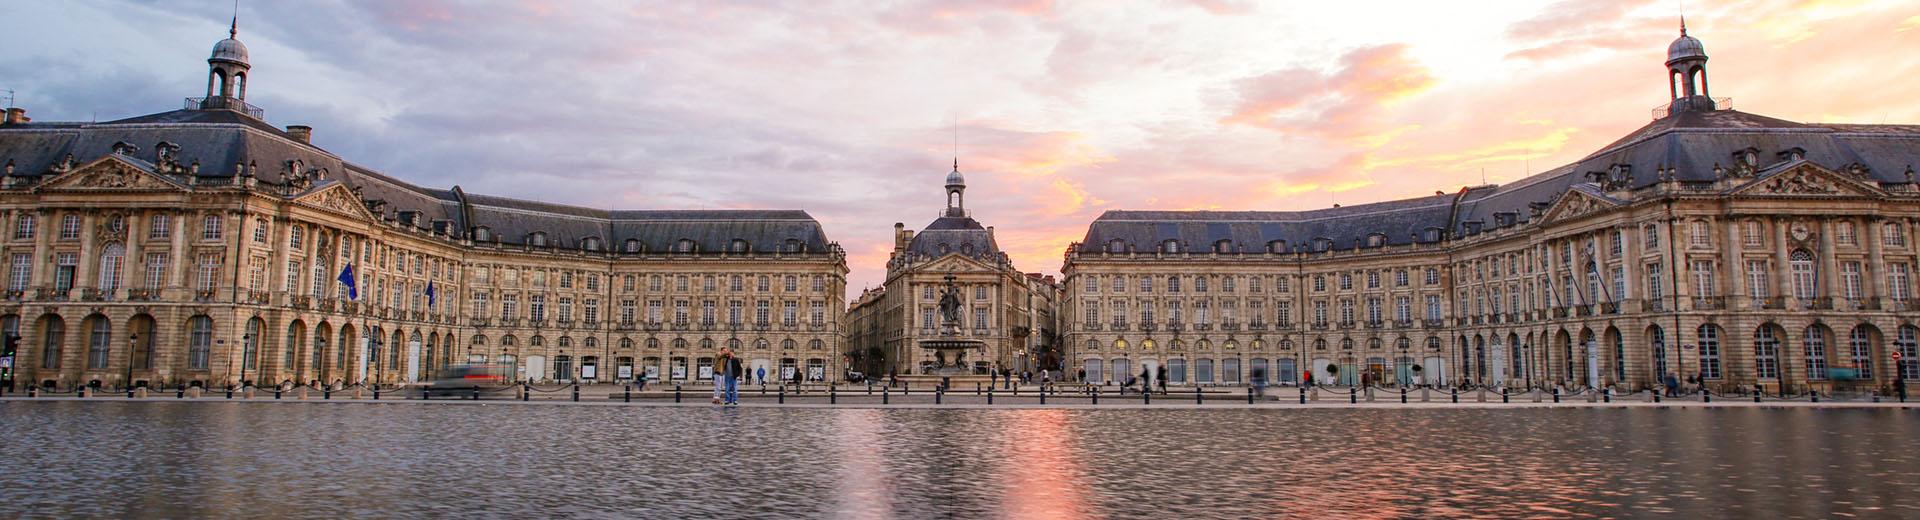 Voyage en groupe Bordeaux - offre Confort